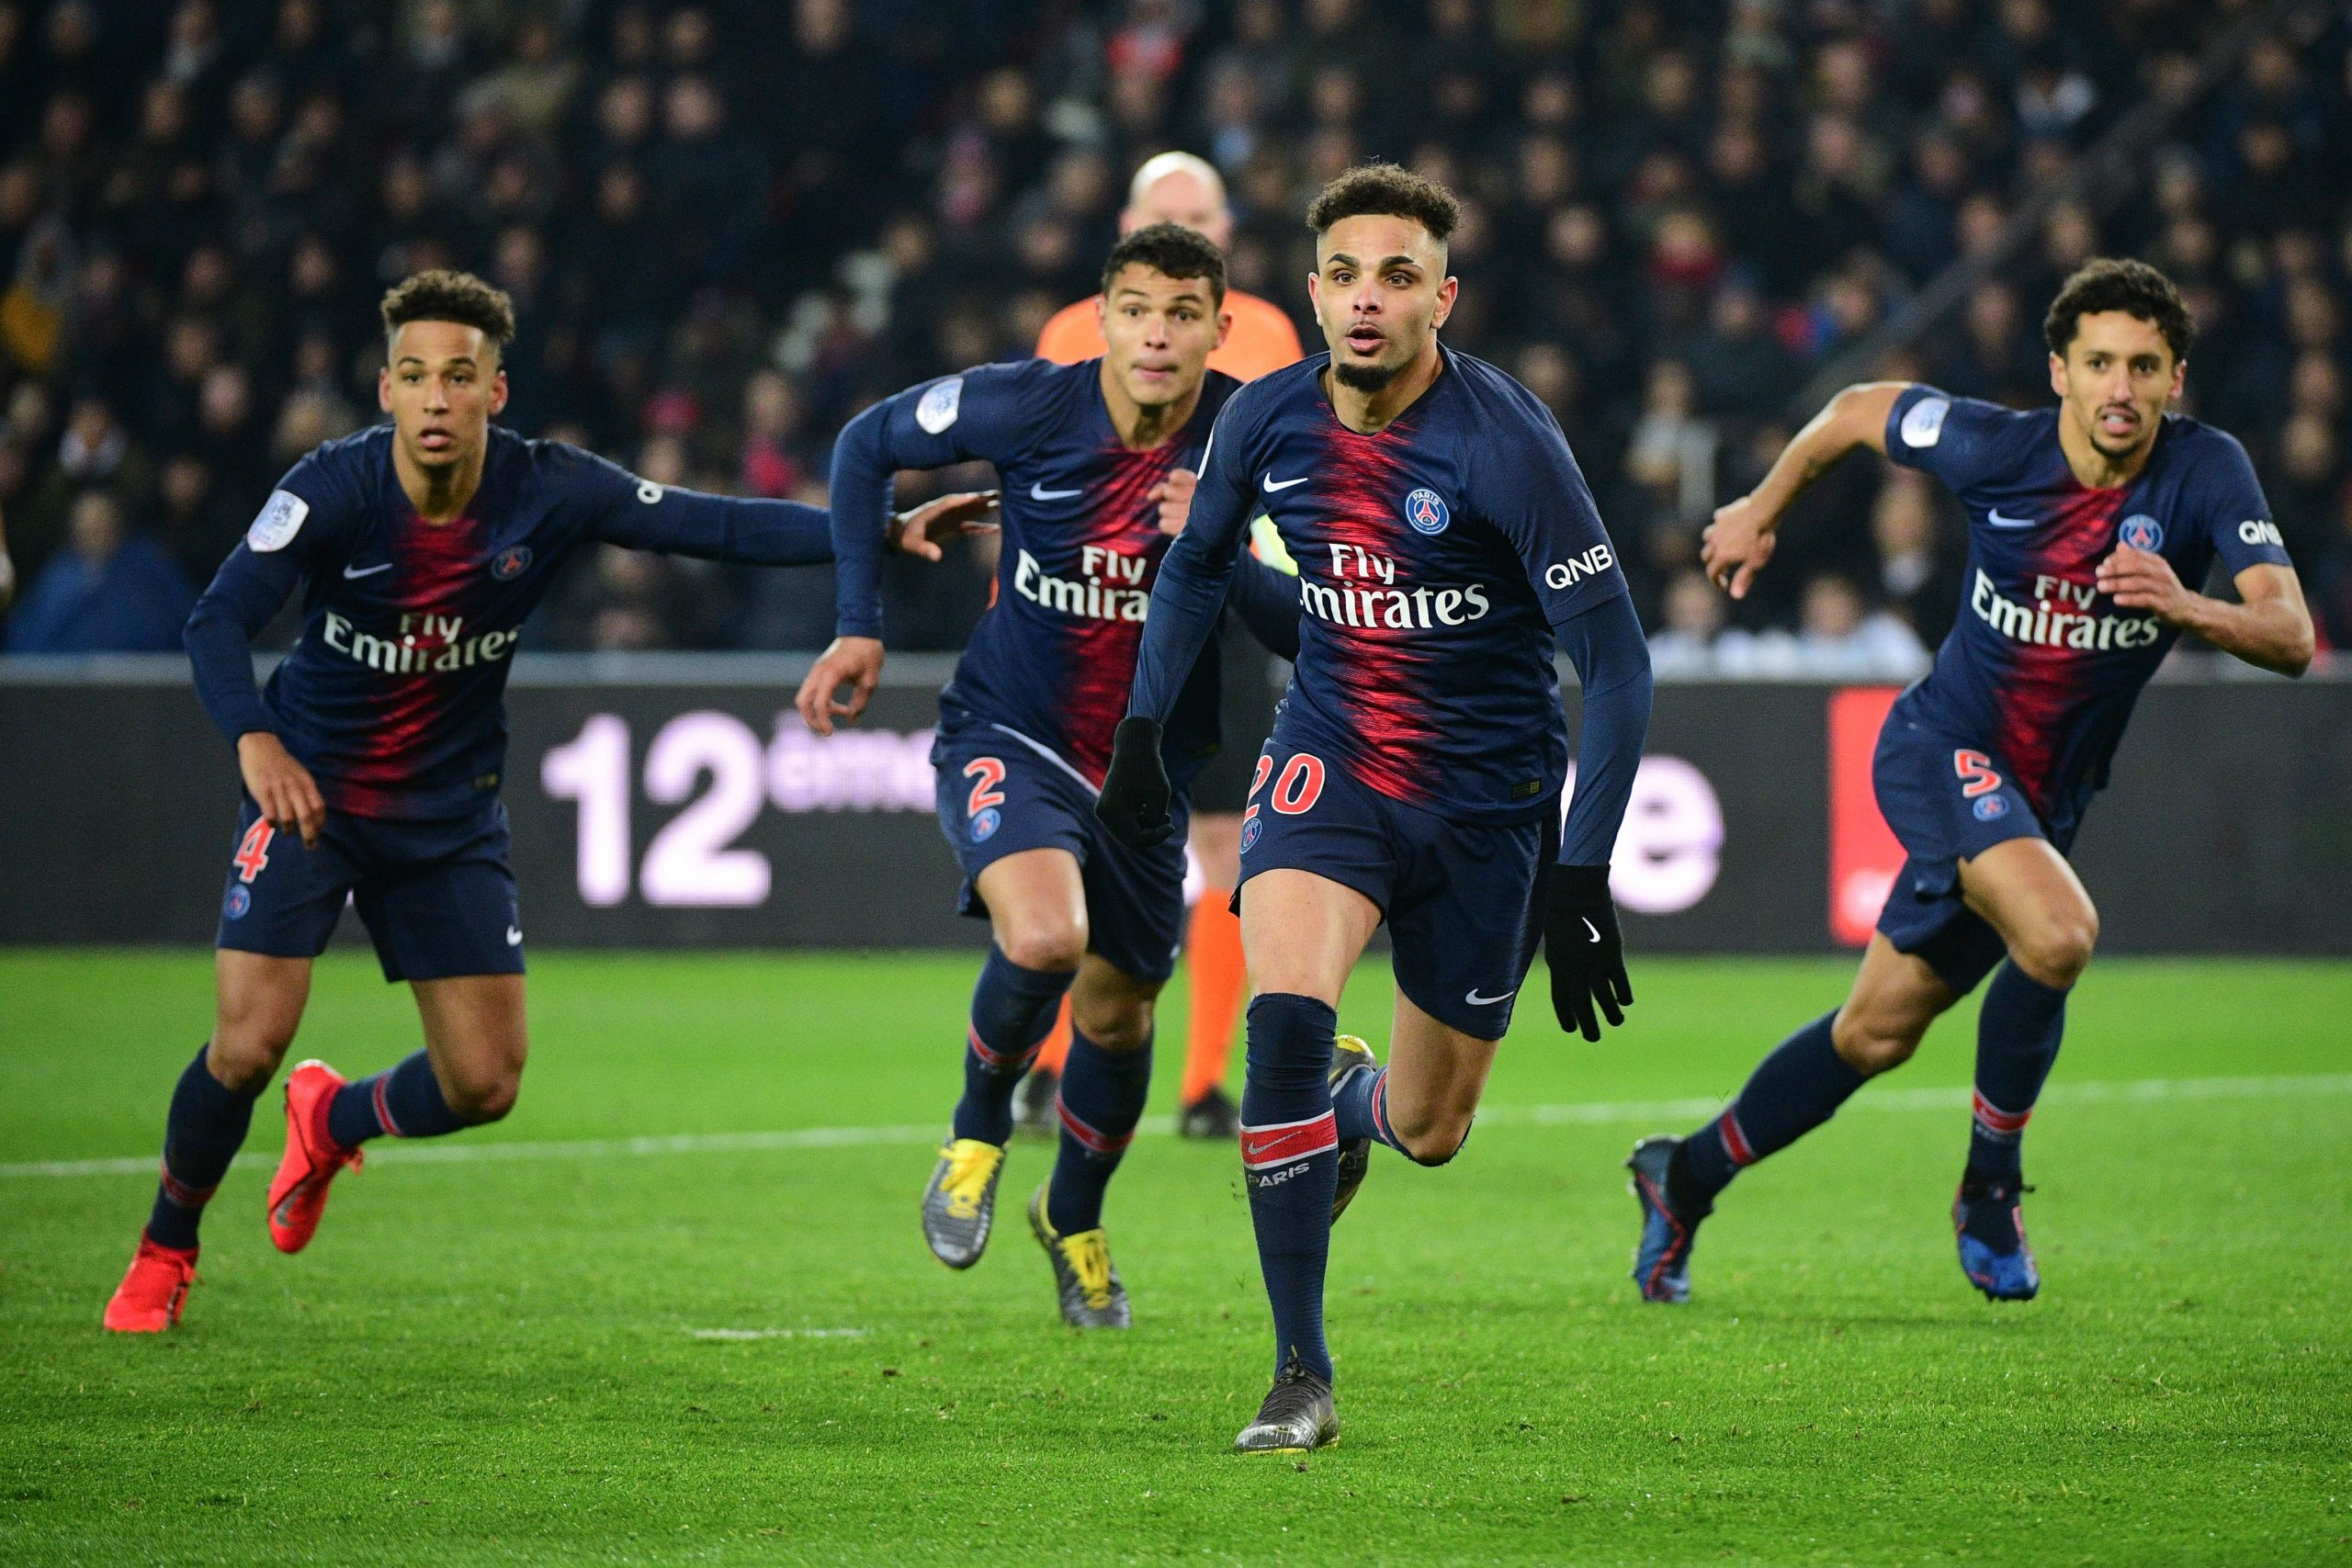 Mercato - Thiago Silva et Kurzawa pourraient prolonger au PSG à cause de la crise, selon AS